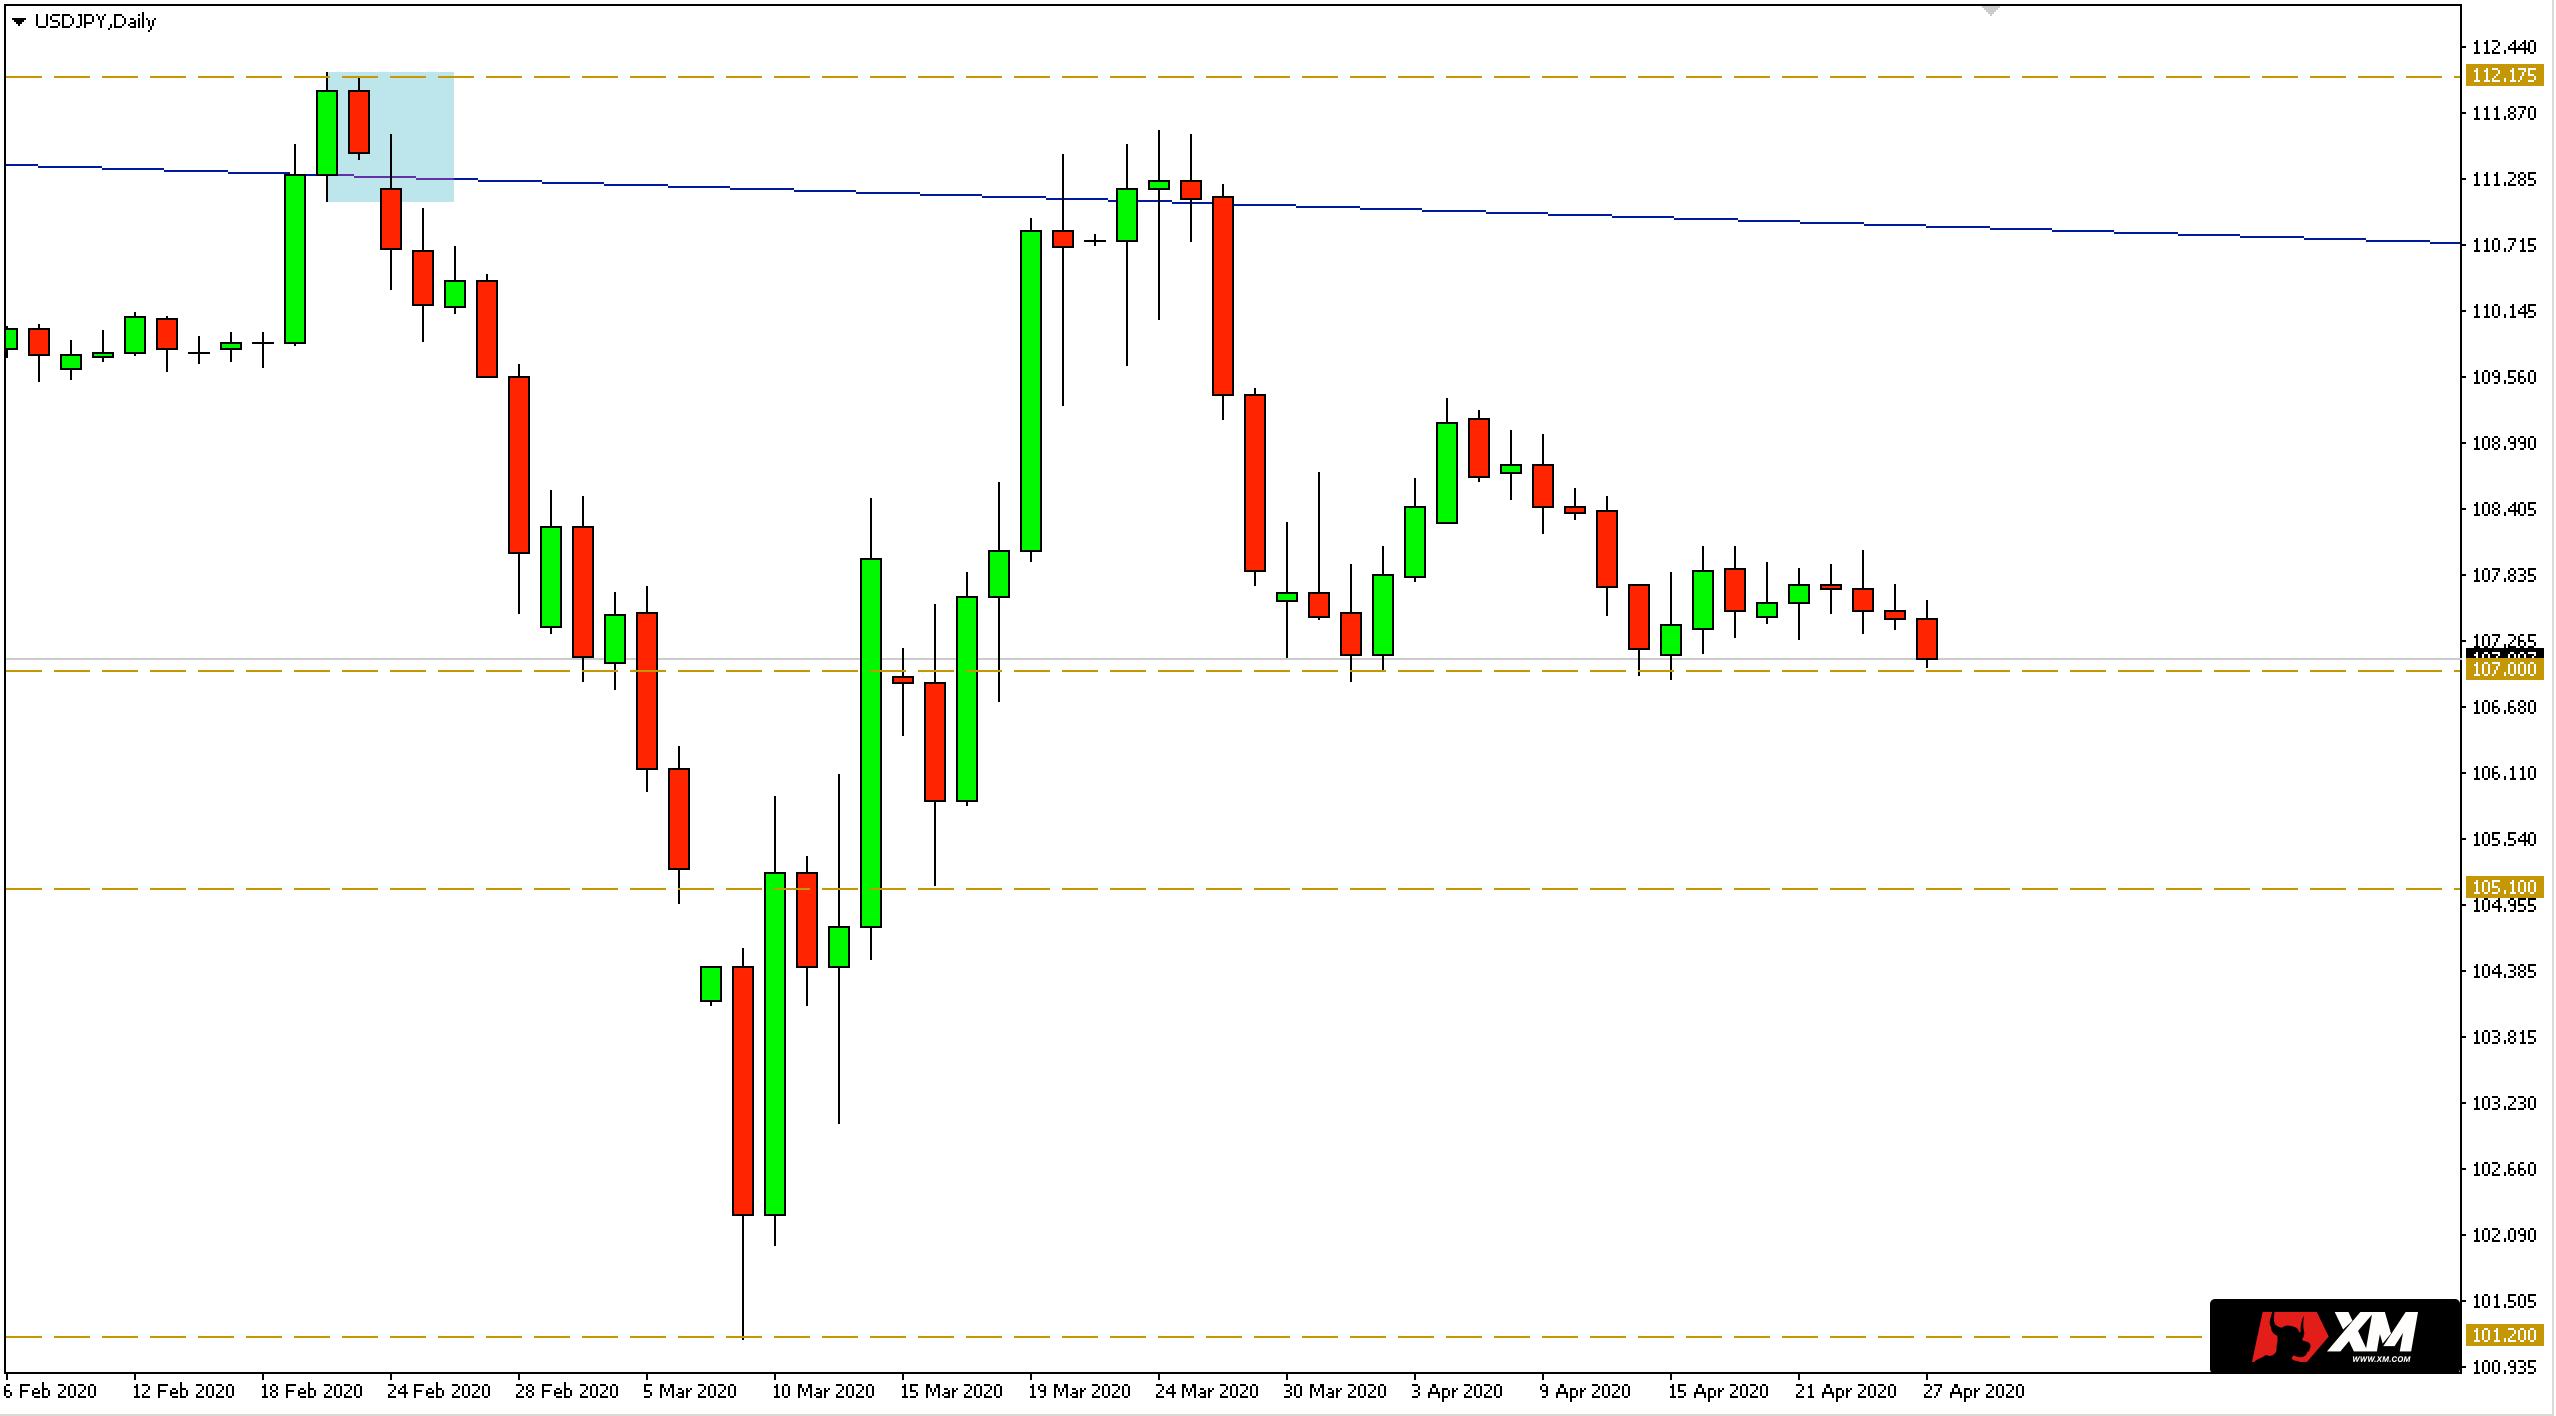 Wykres dzienny pary walutowej USDJPY - 27 kwietnia 2020 r.